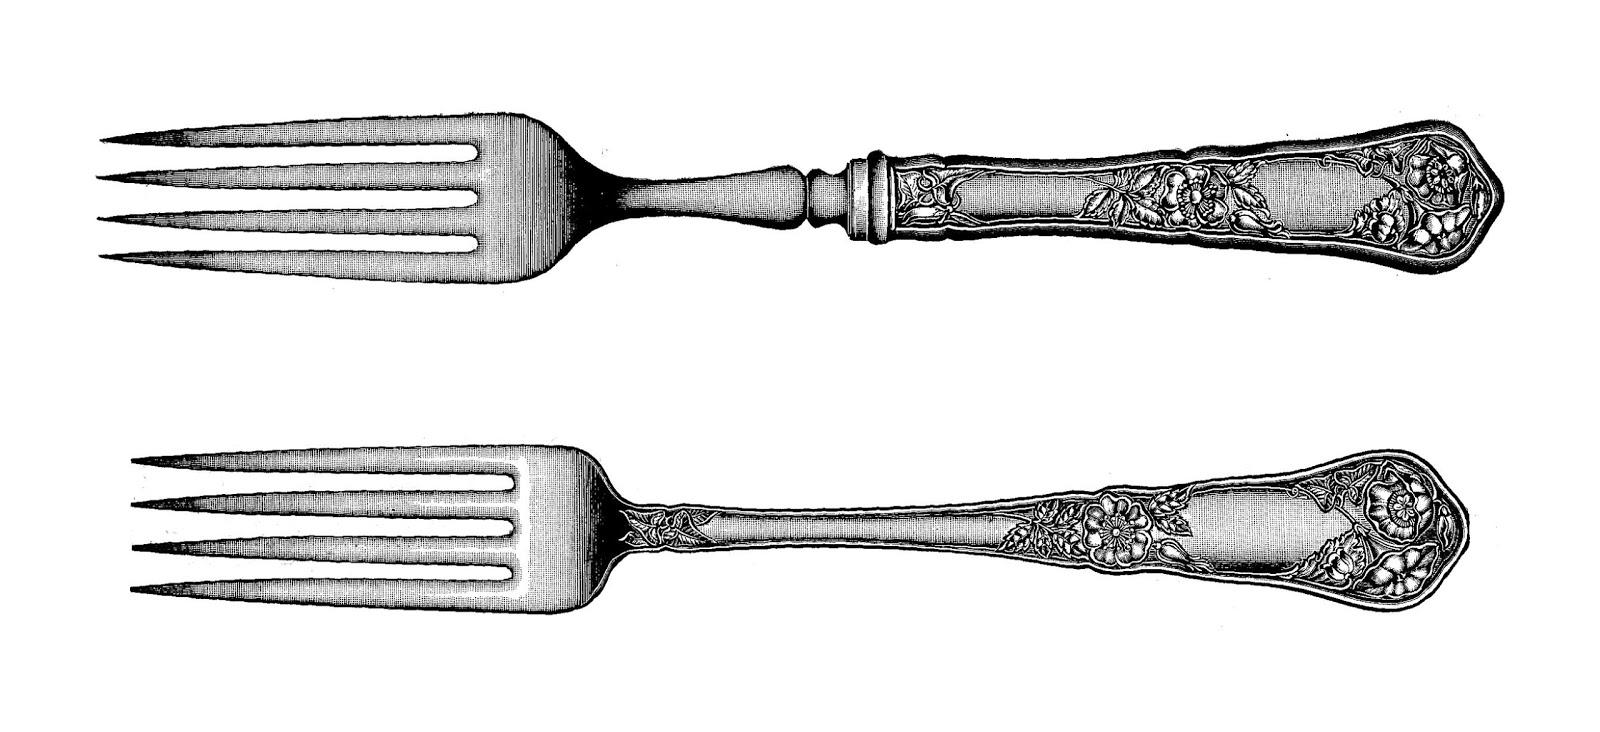 Vintage Fork Clipart.